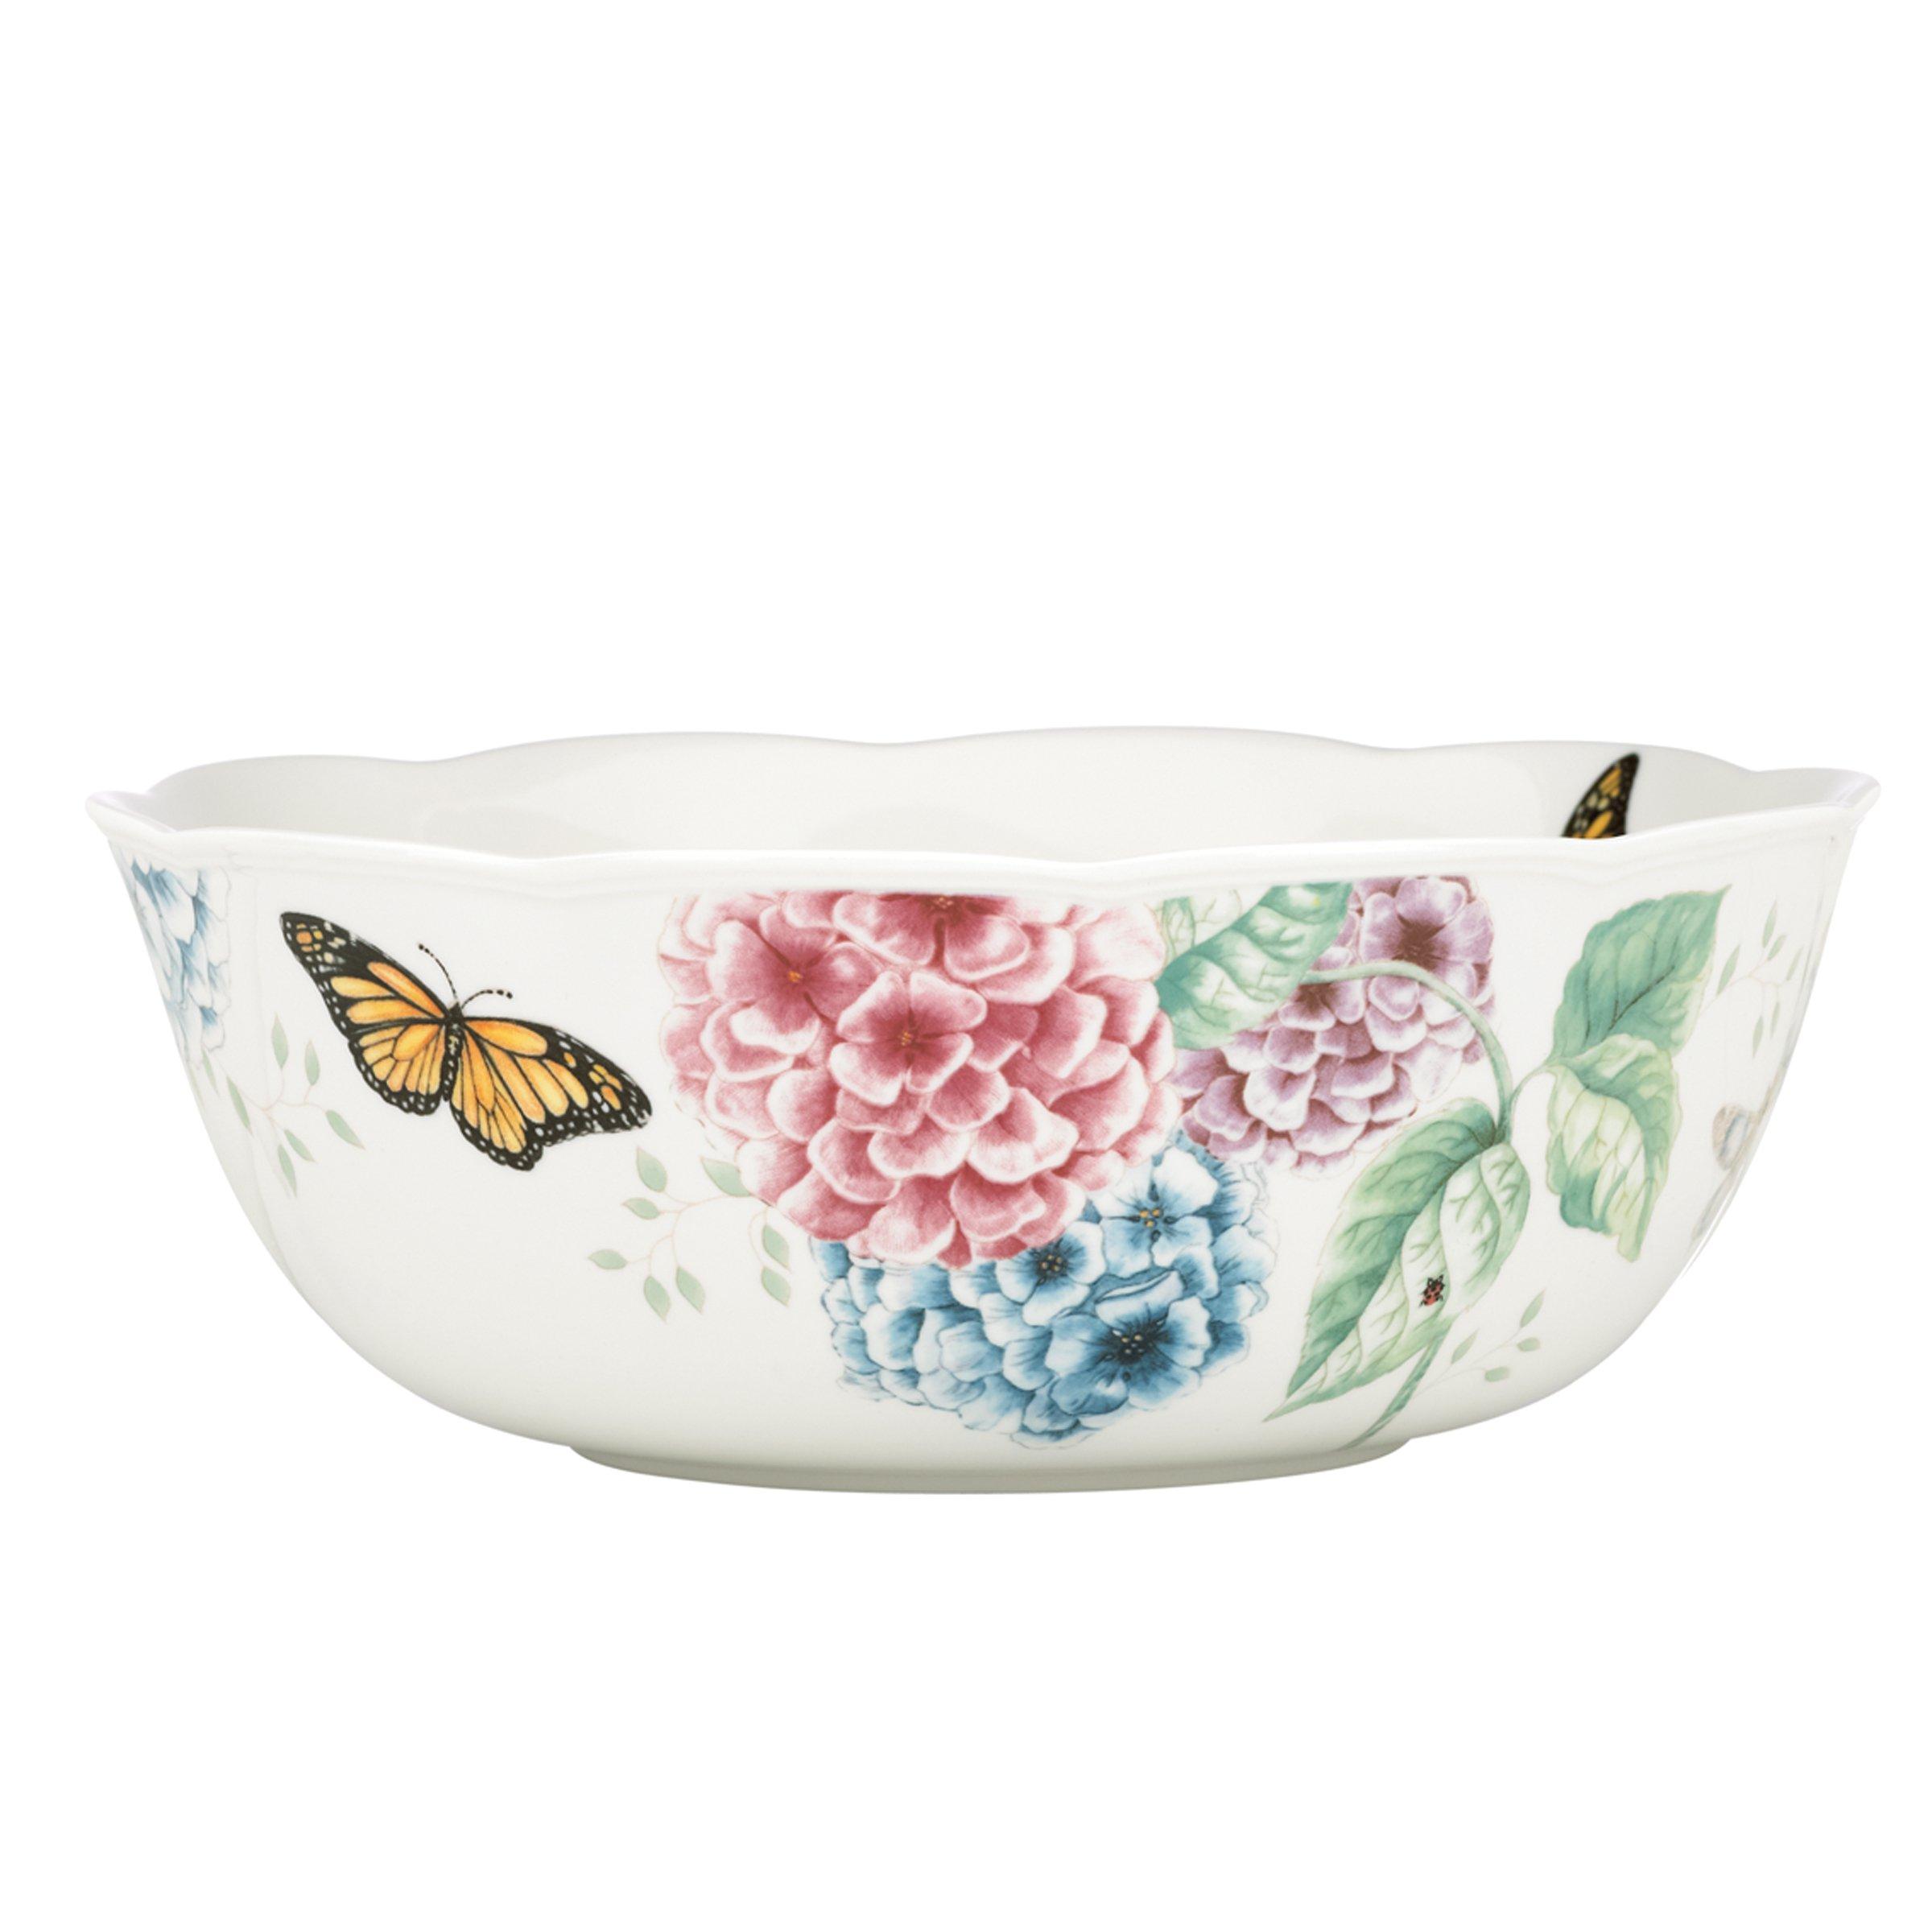 Lenox Butterfly Meadow Hydrangea Serving Bowl, White